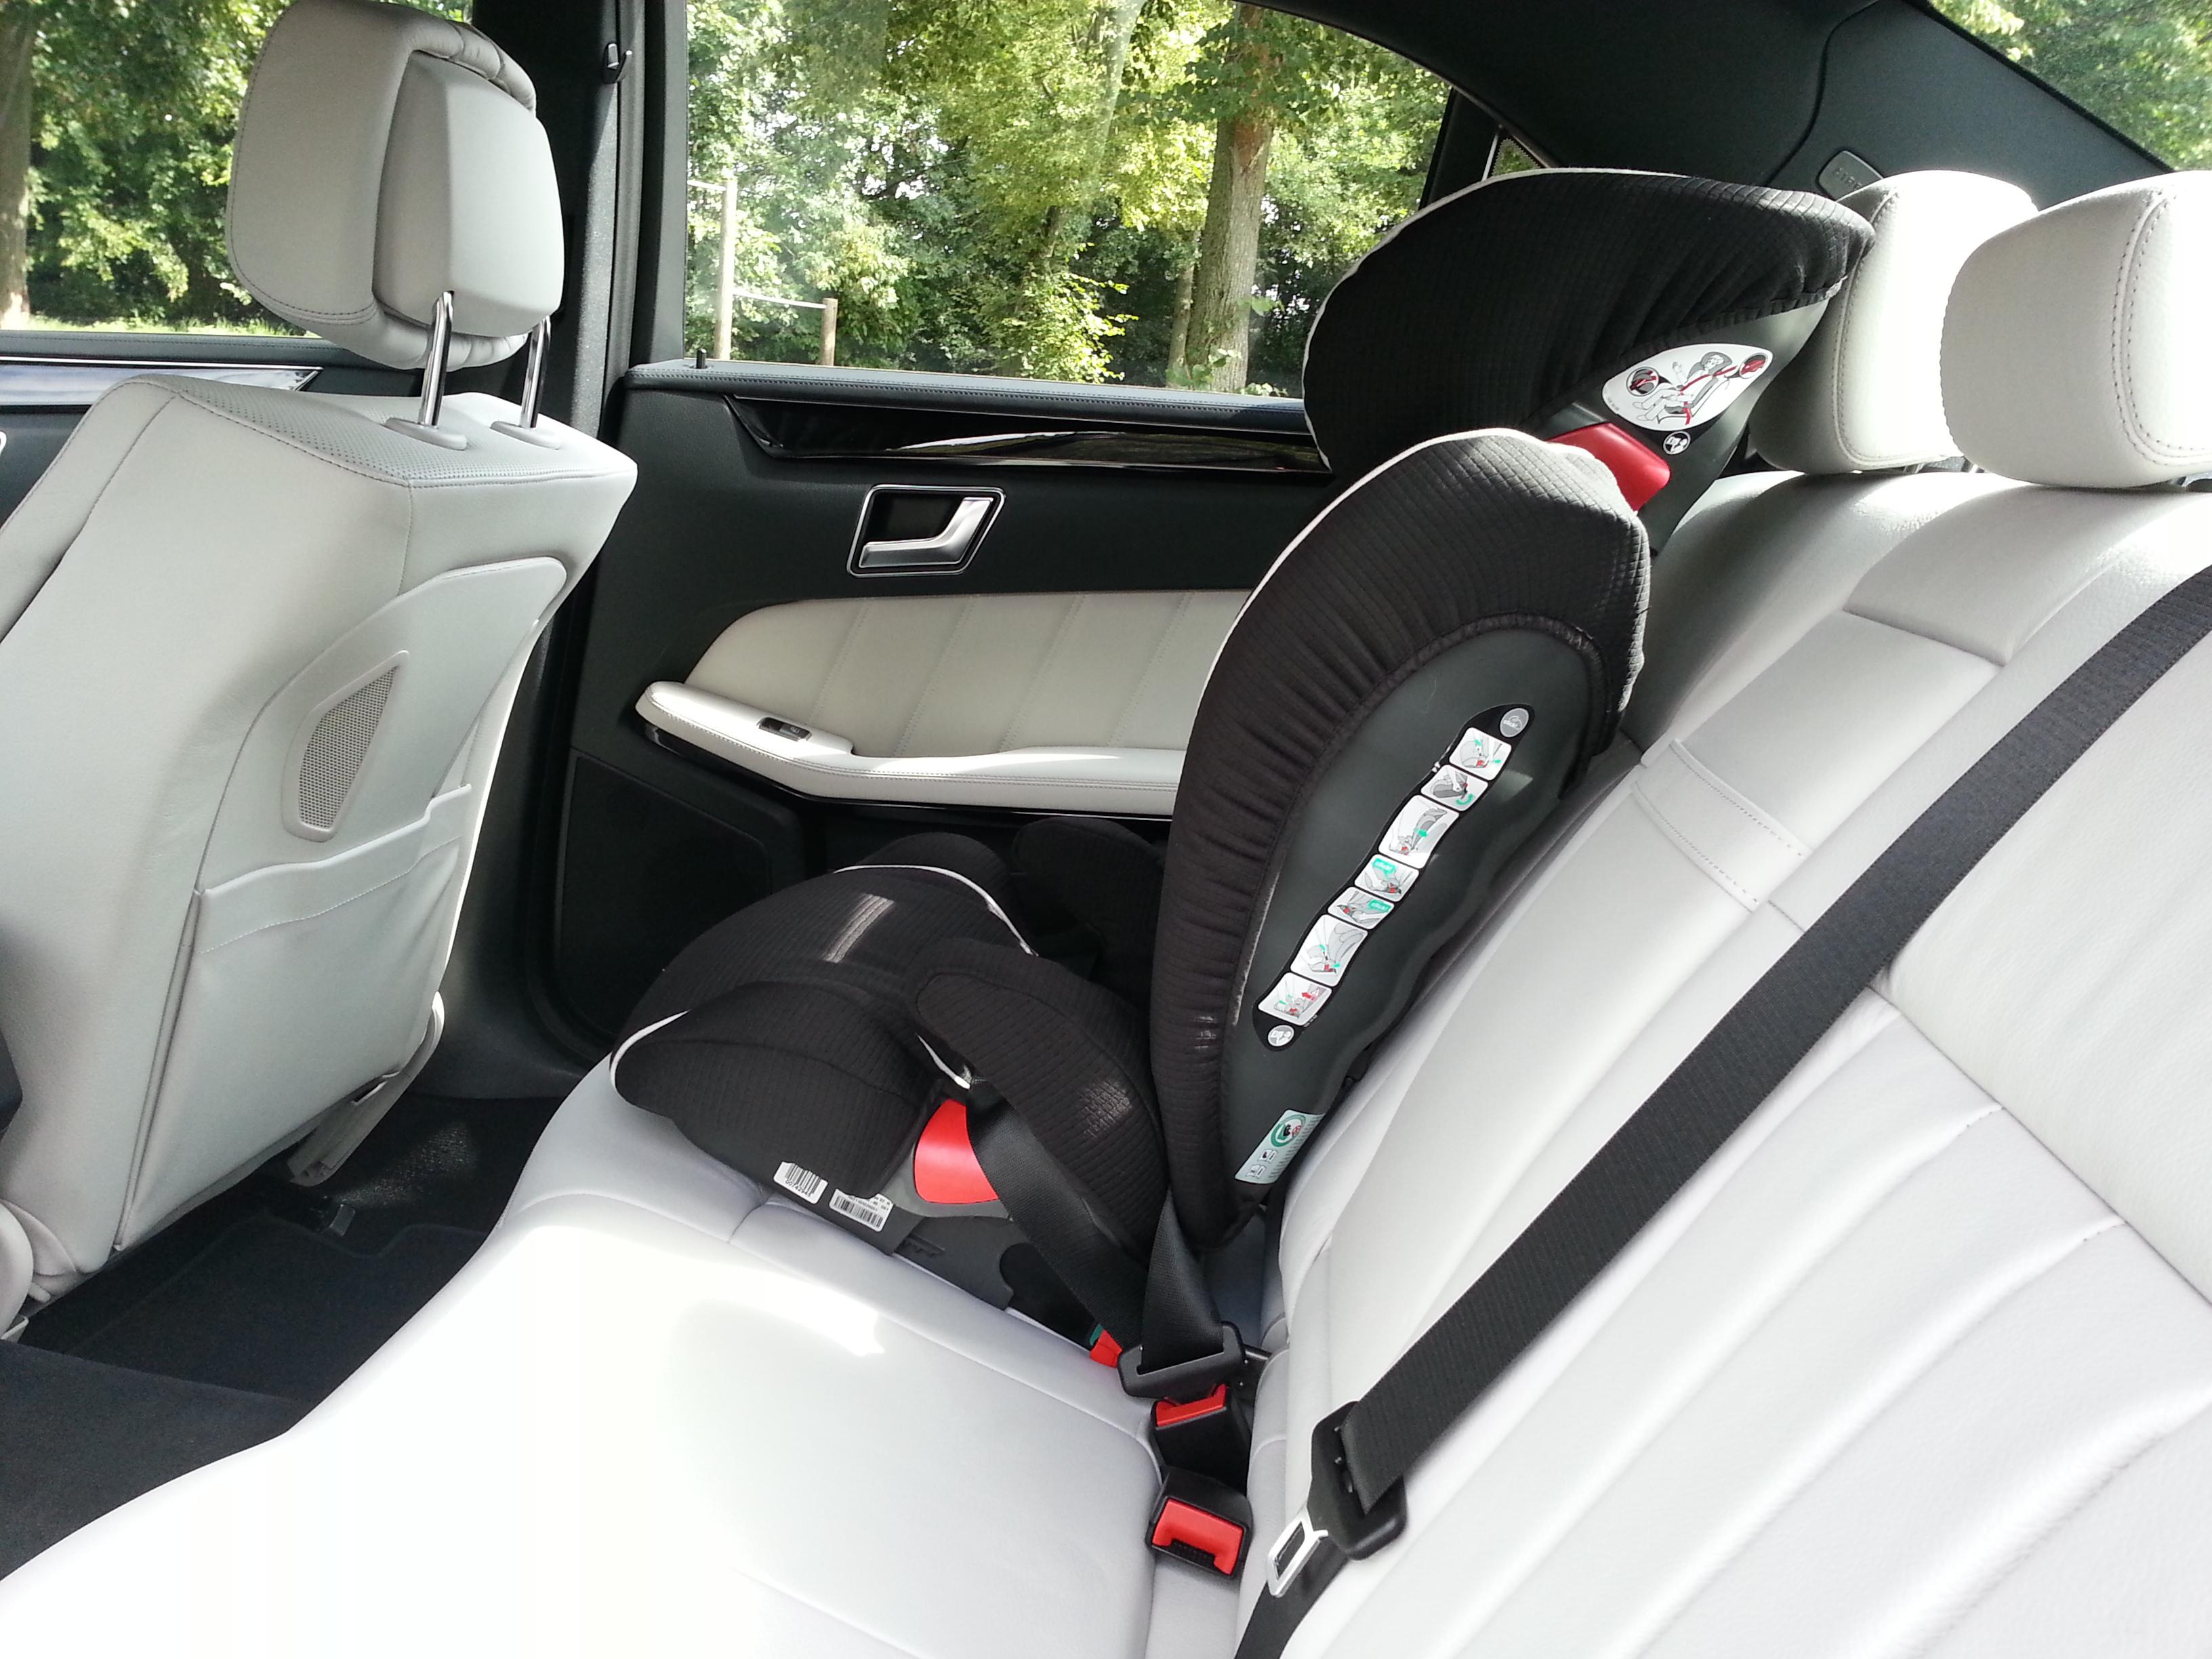 Mercedes-Benz E 300 BlueTec Hybrid Kindersitz